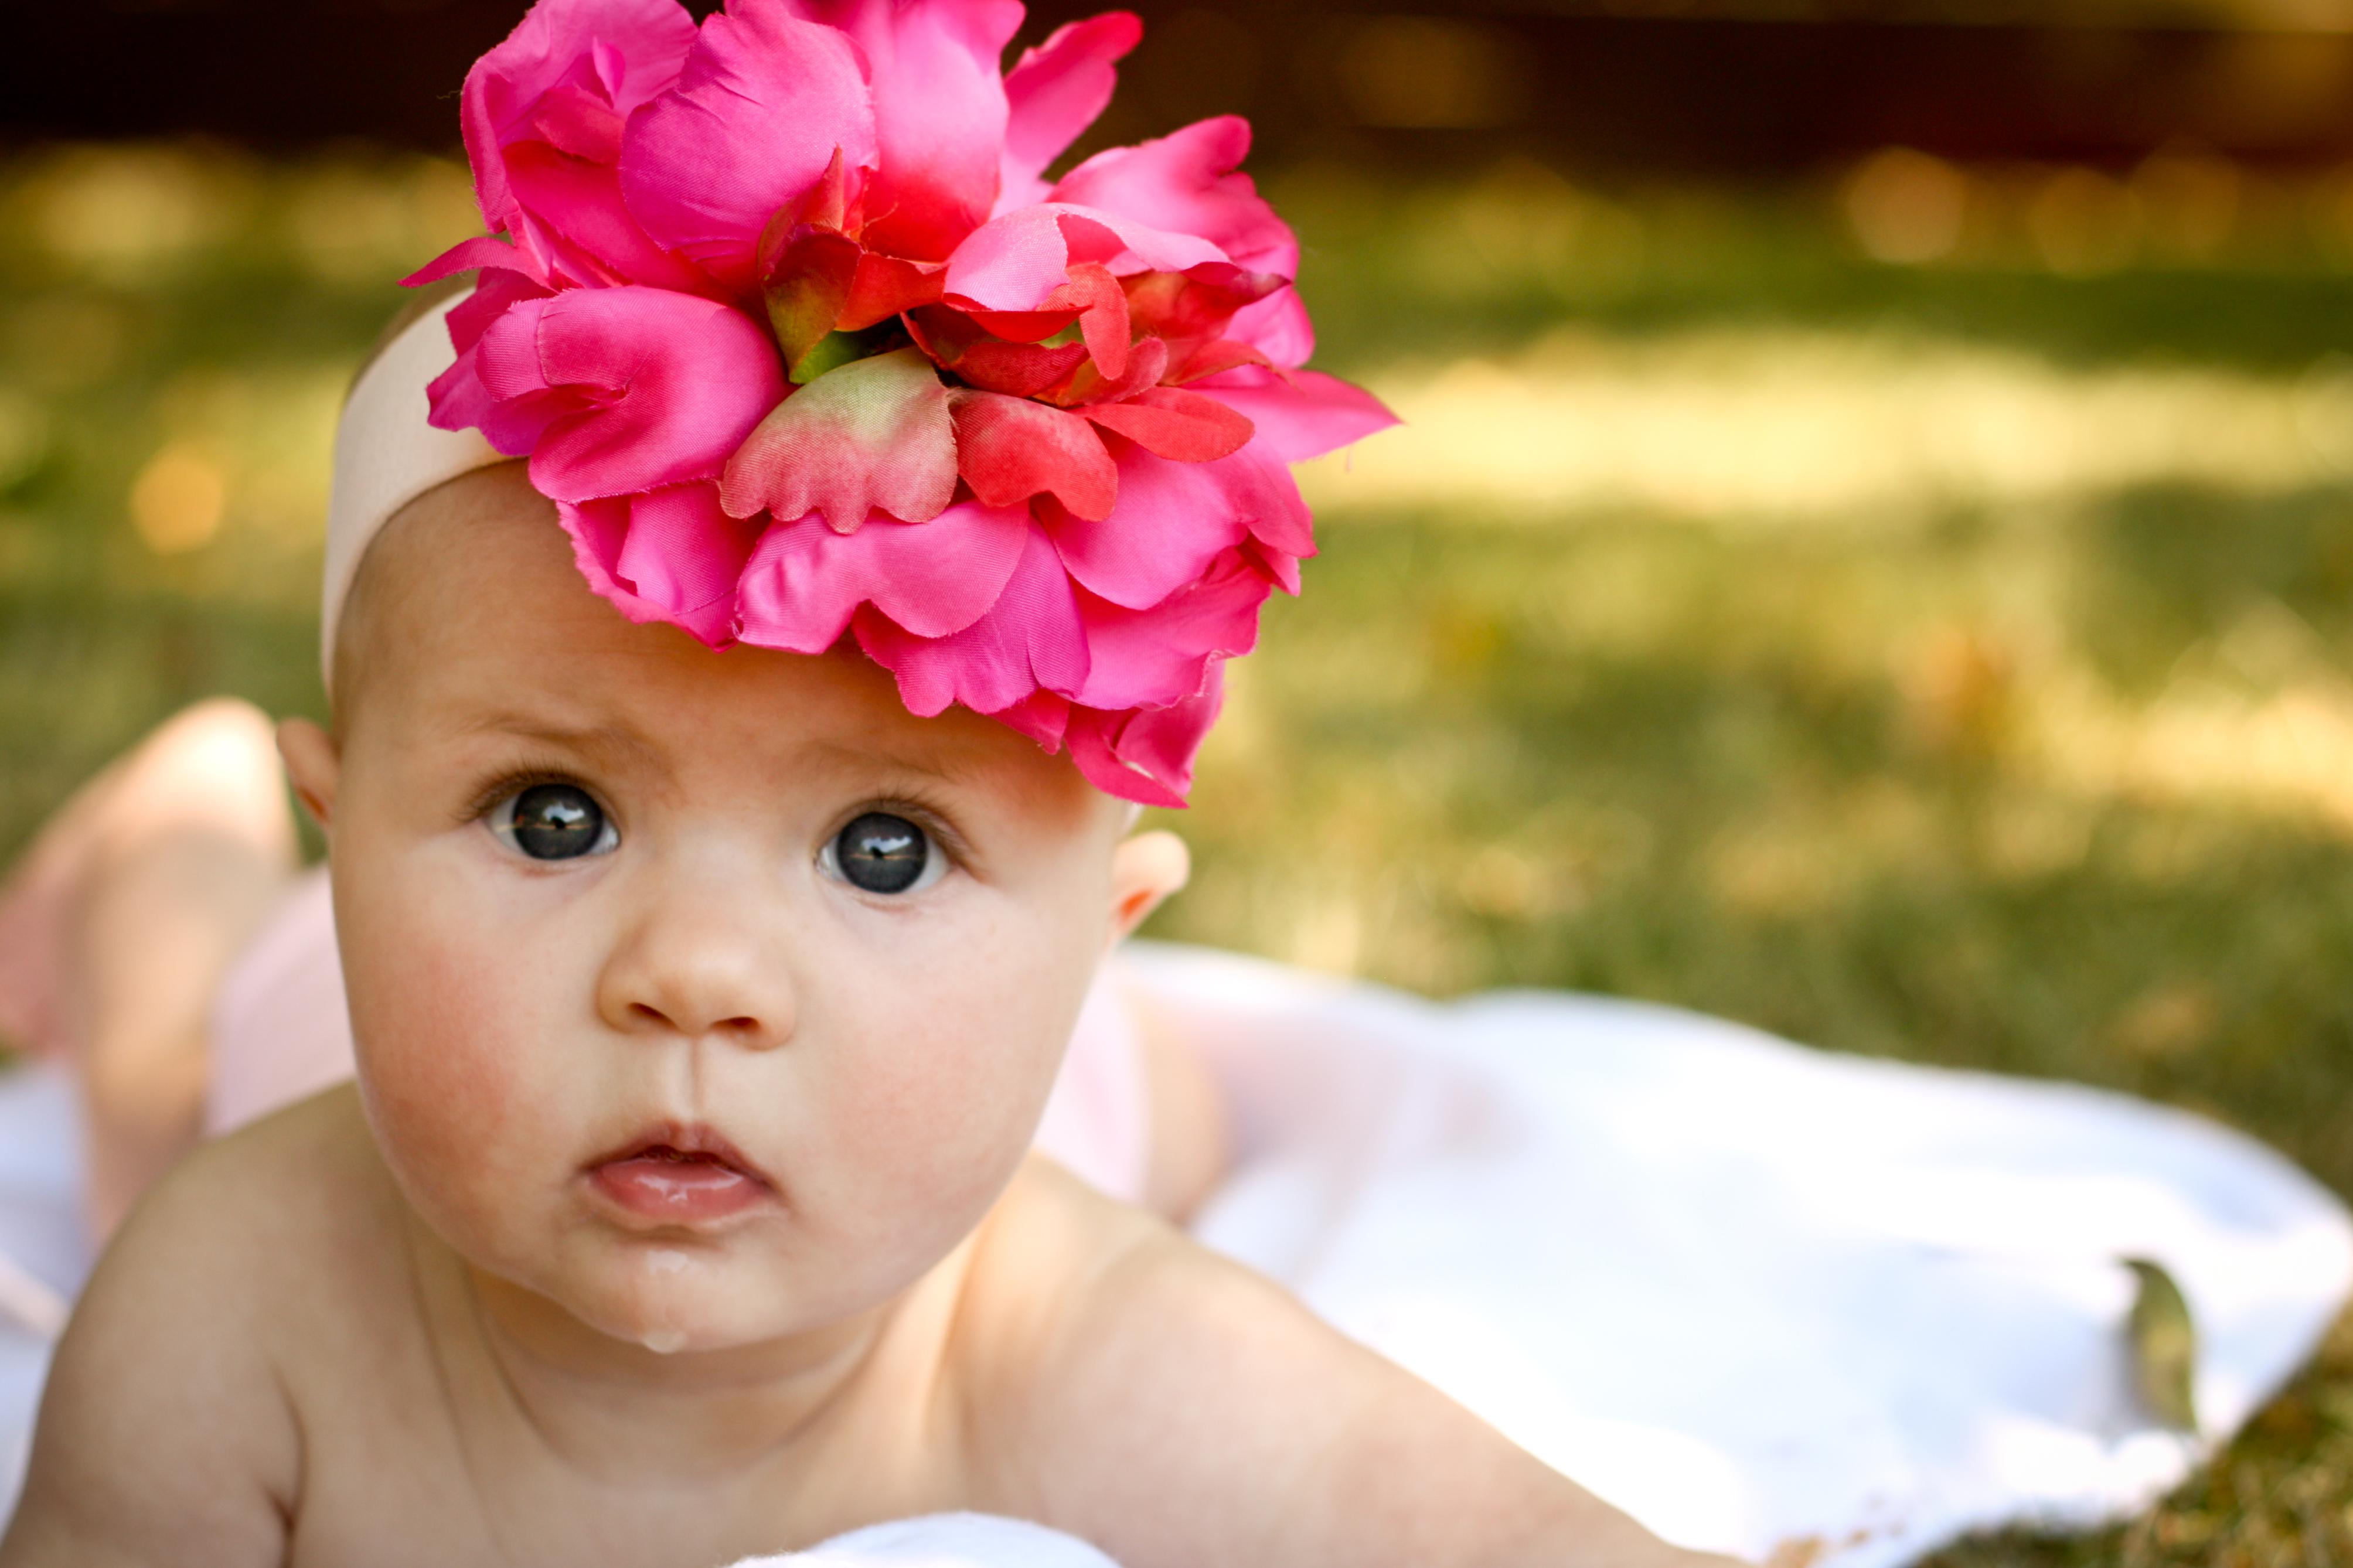 Flower Baby Names - Flower Names for Girls